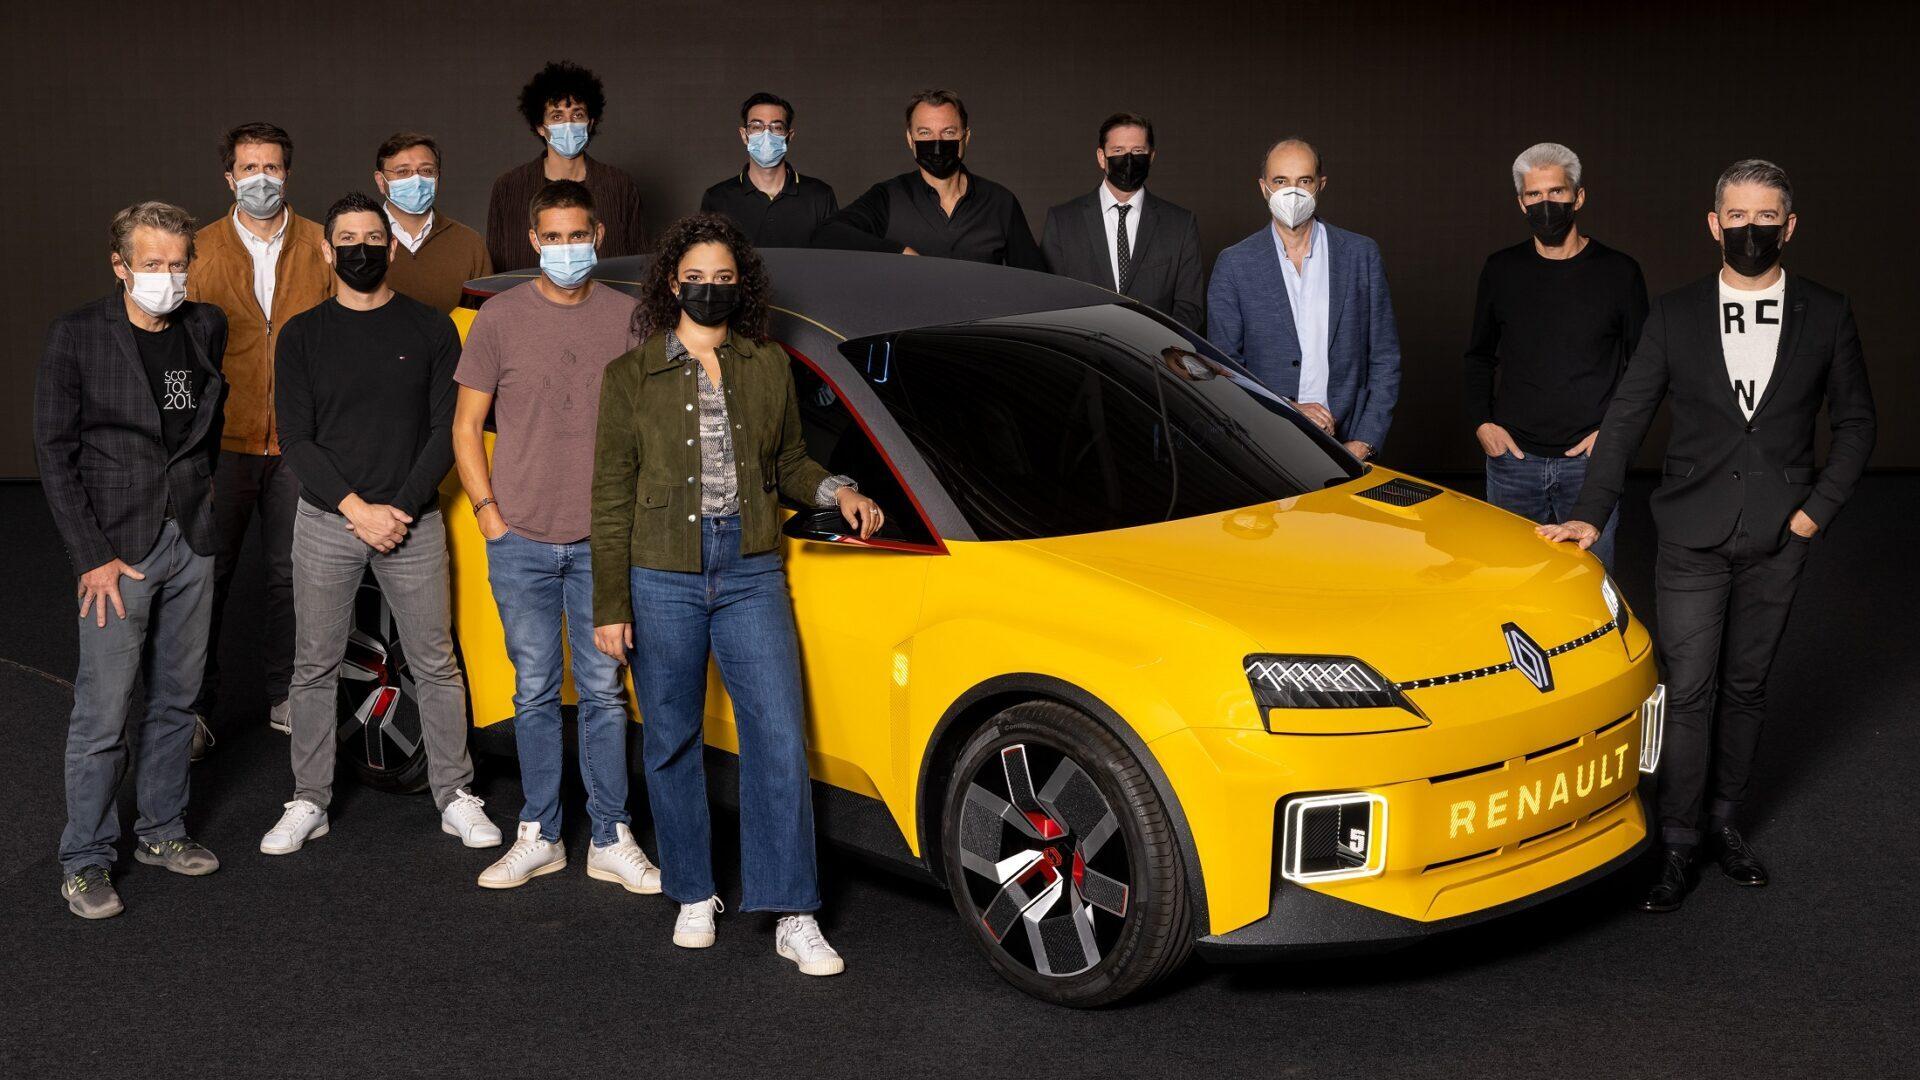 El Renault 5 Prototype, galardonado con el premio 'Concept-Car of the Year'